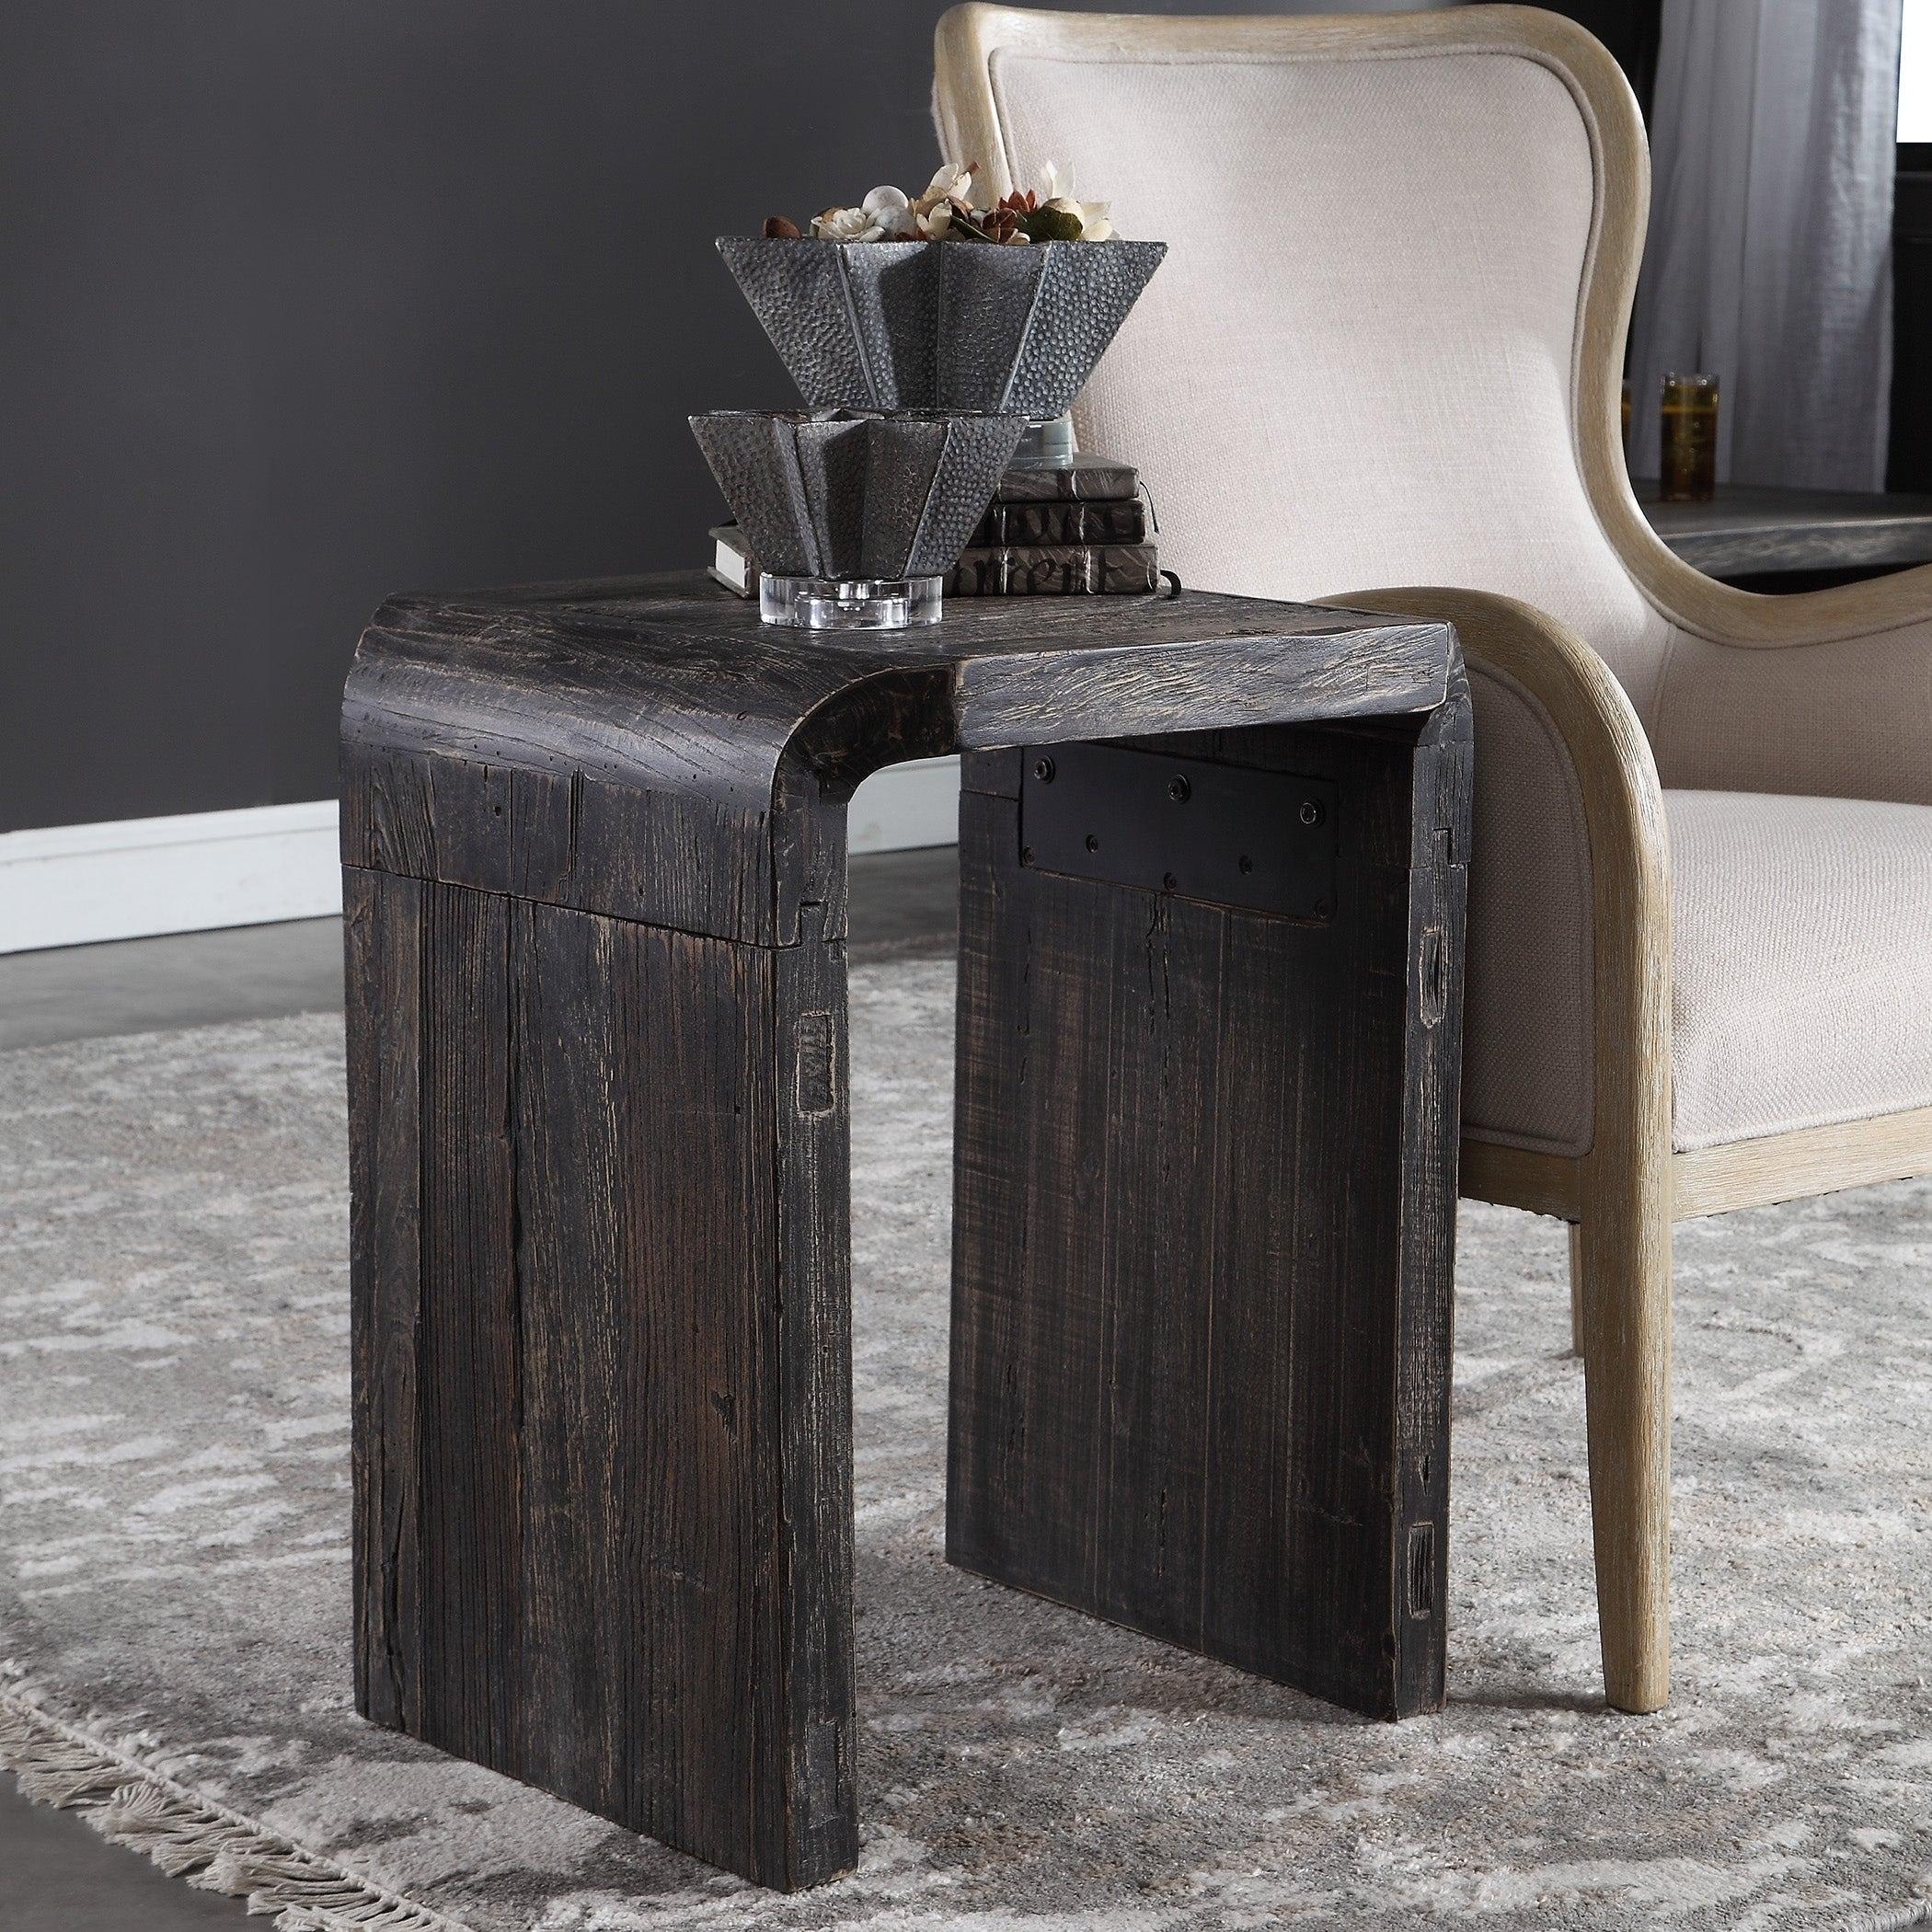 Uttermost Elvin Aged Black Minimalist Side Table